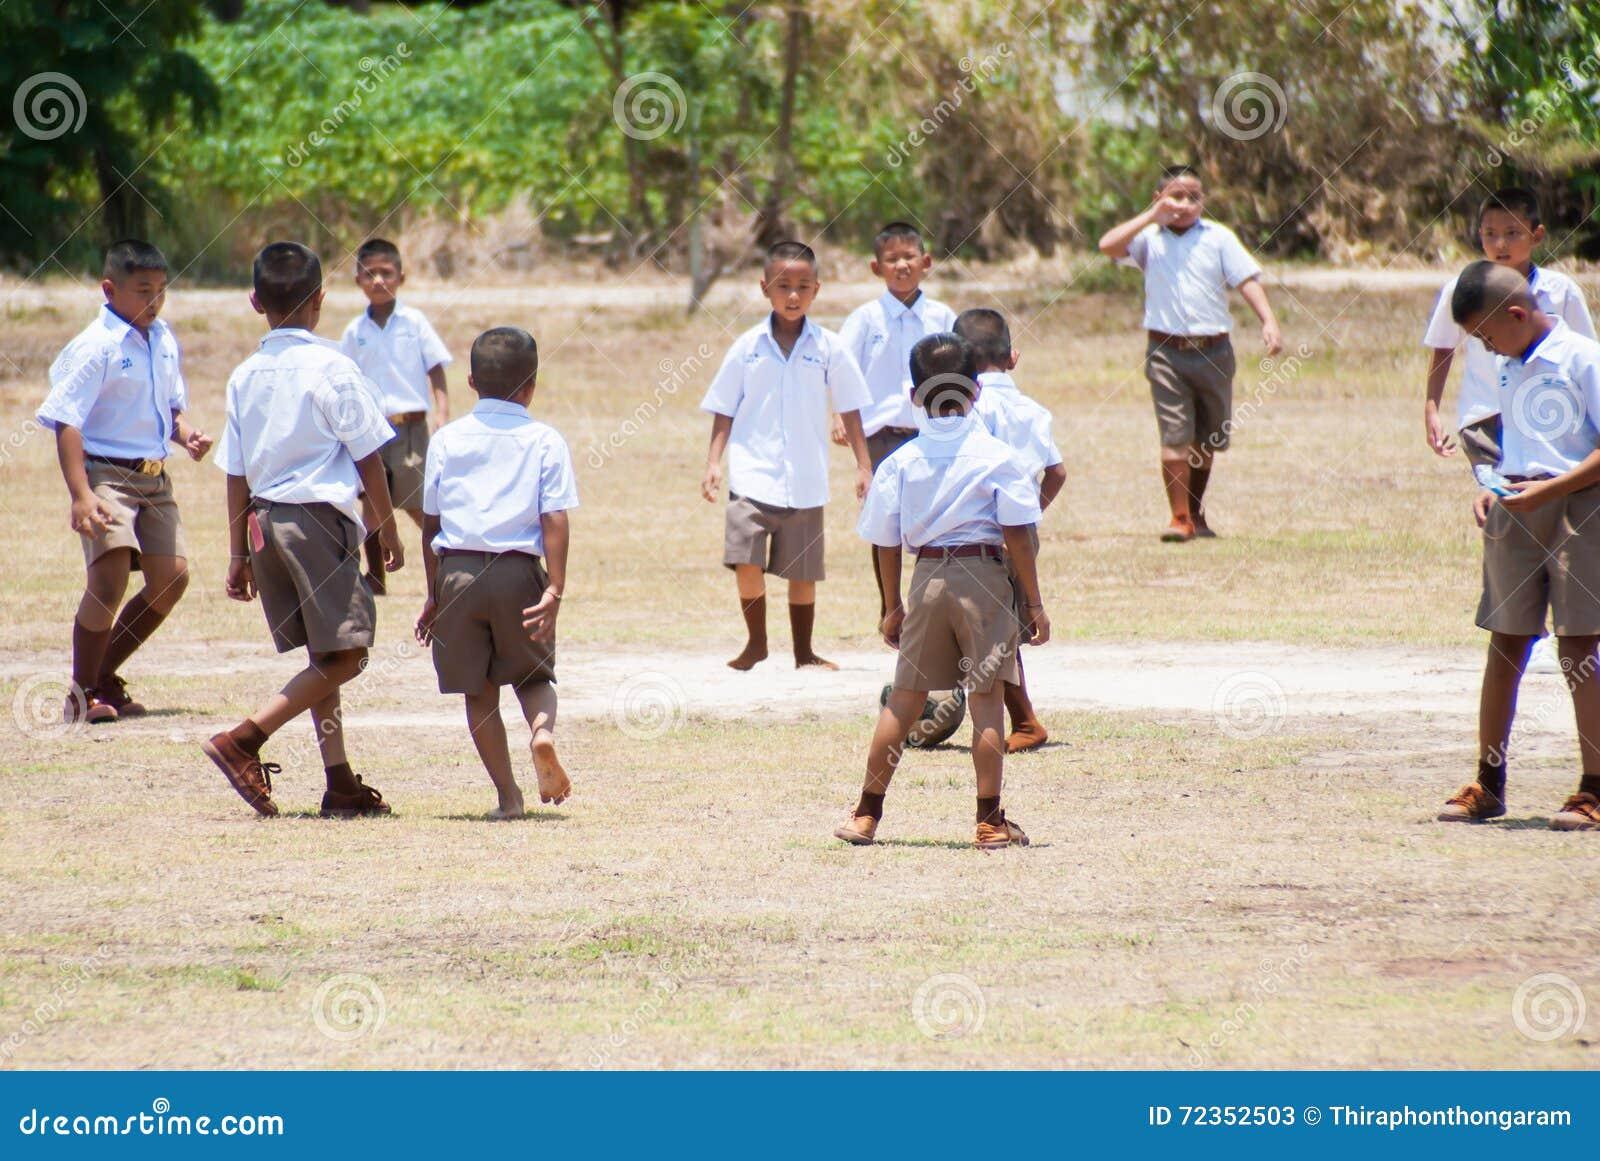 De Thaise kinderen spelen voetbal